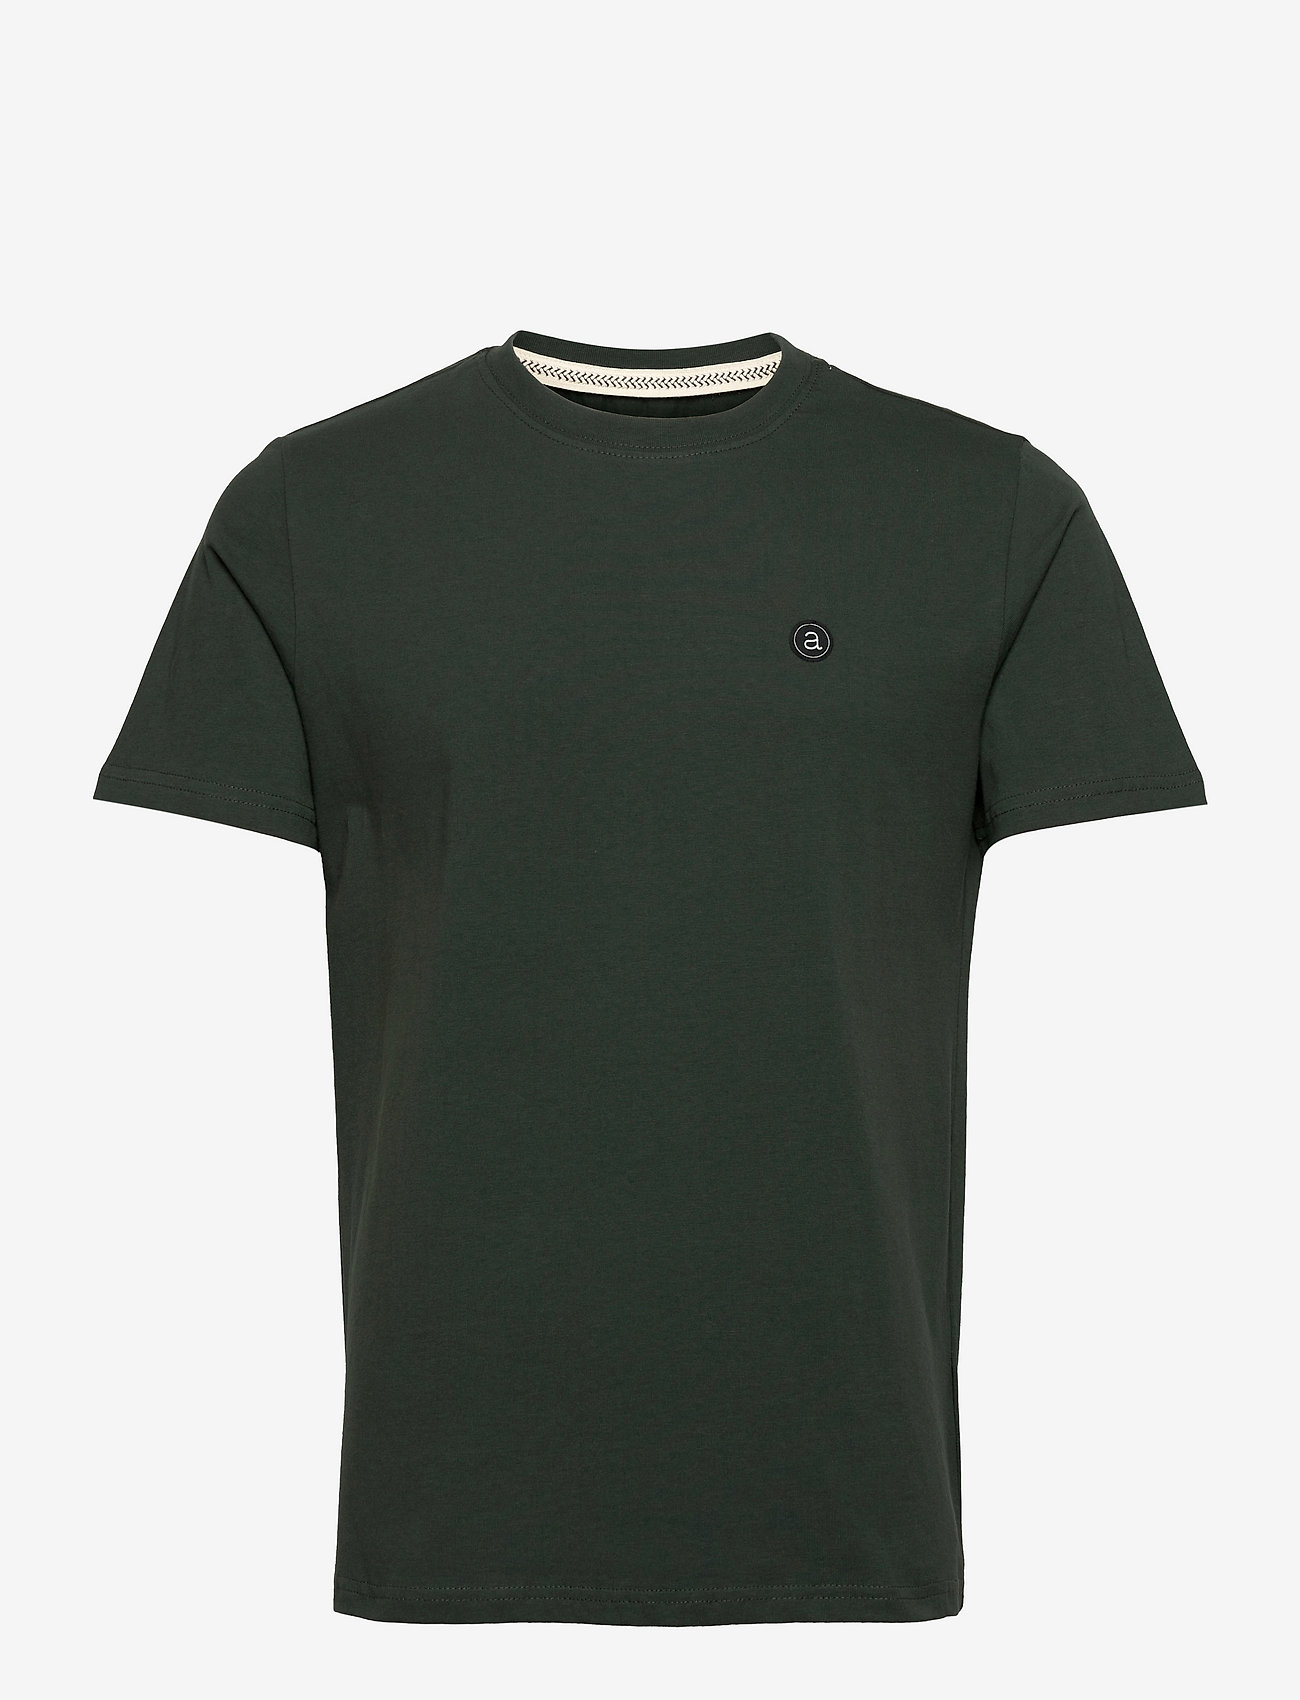 Anerkjendt - AKROD T-SHIRT - t-shirts - deep forrest - 0